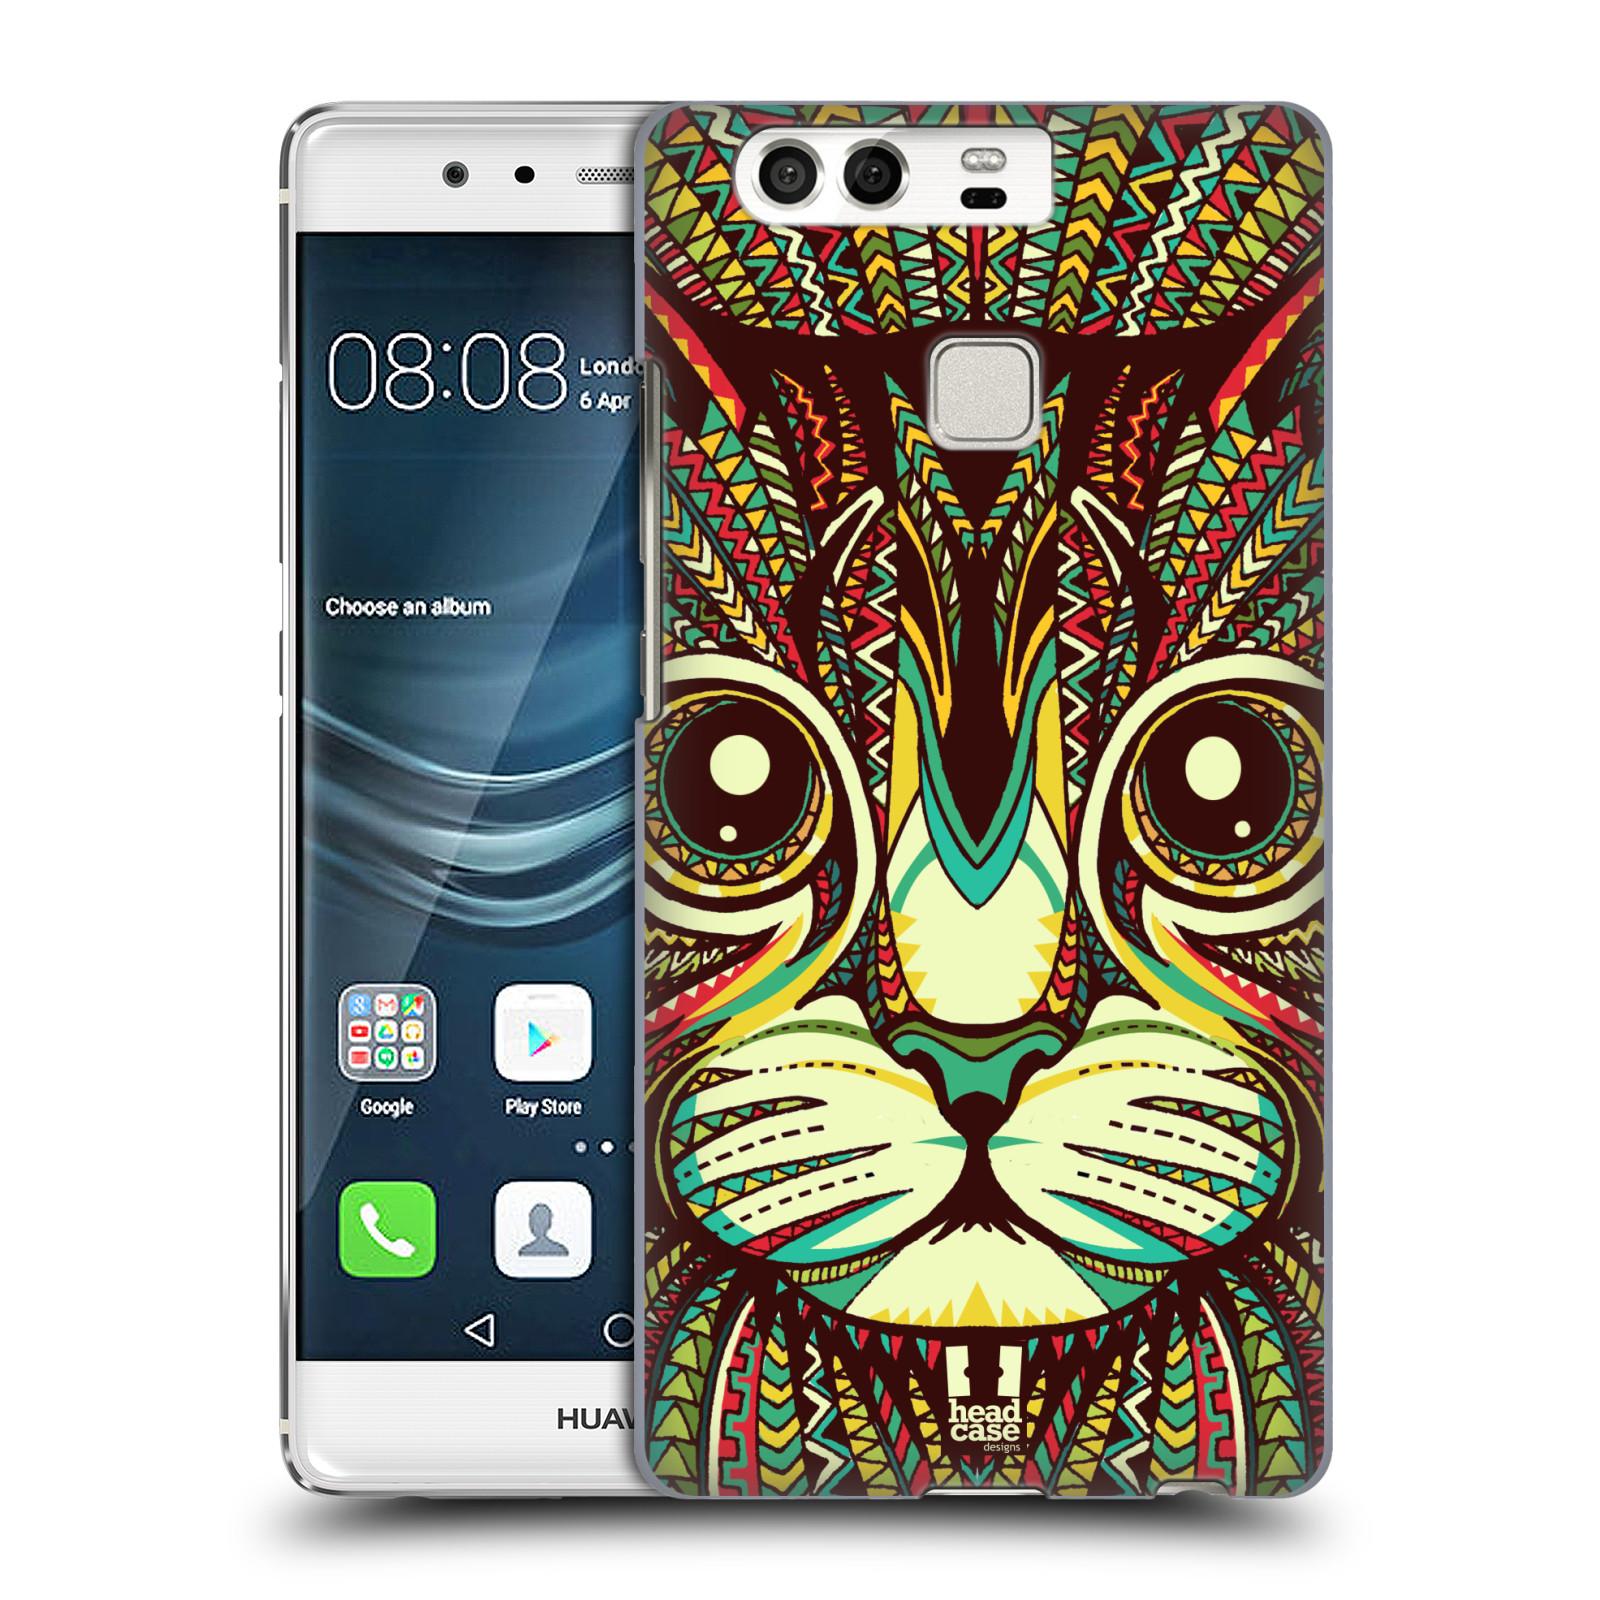 HEAD CASE plastový obal na mobil Huawei P9 / P9 DUAL SIM vzor Aztécký motiv zvíře 2 kotě